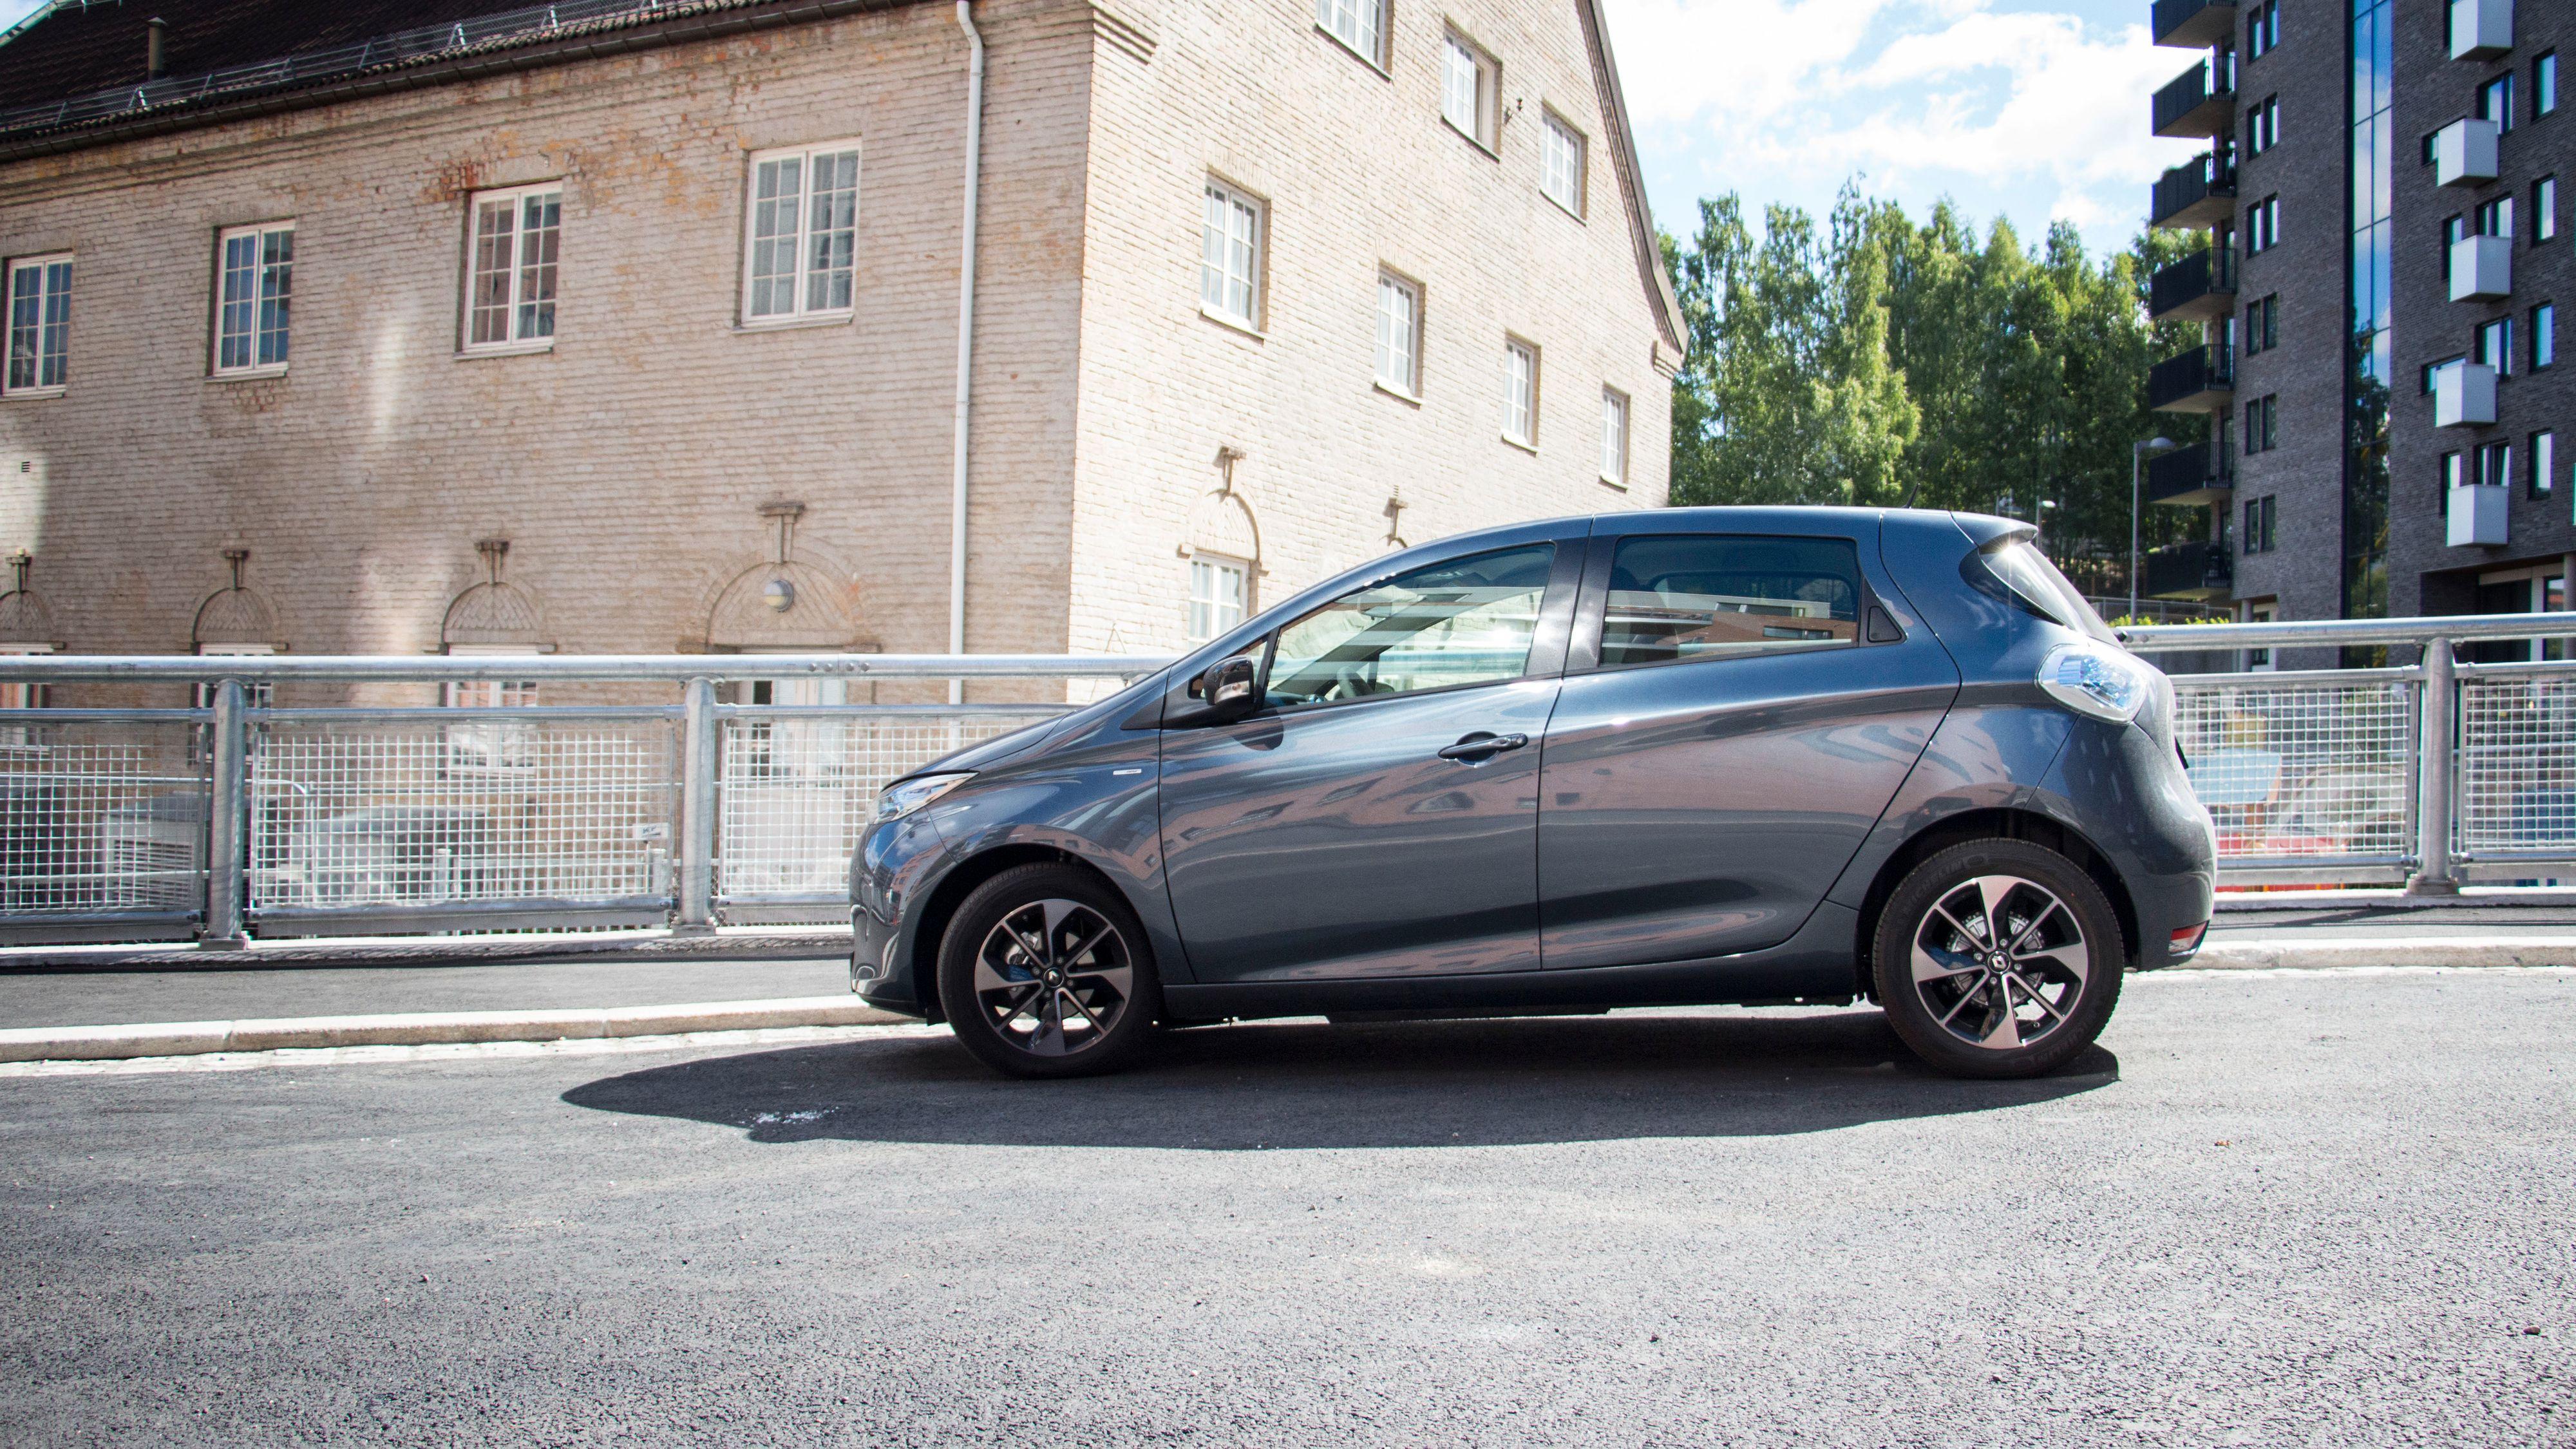 Renault melder om at det kommer inn noen hundre Zoe fremover, og at det er mulig å snappe opp en relativt kjapt.